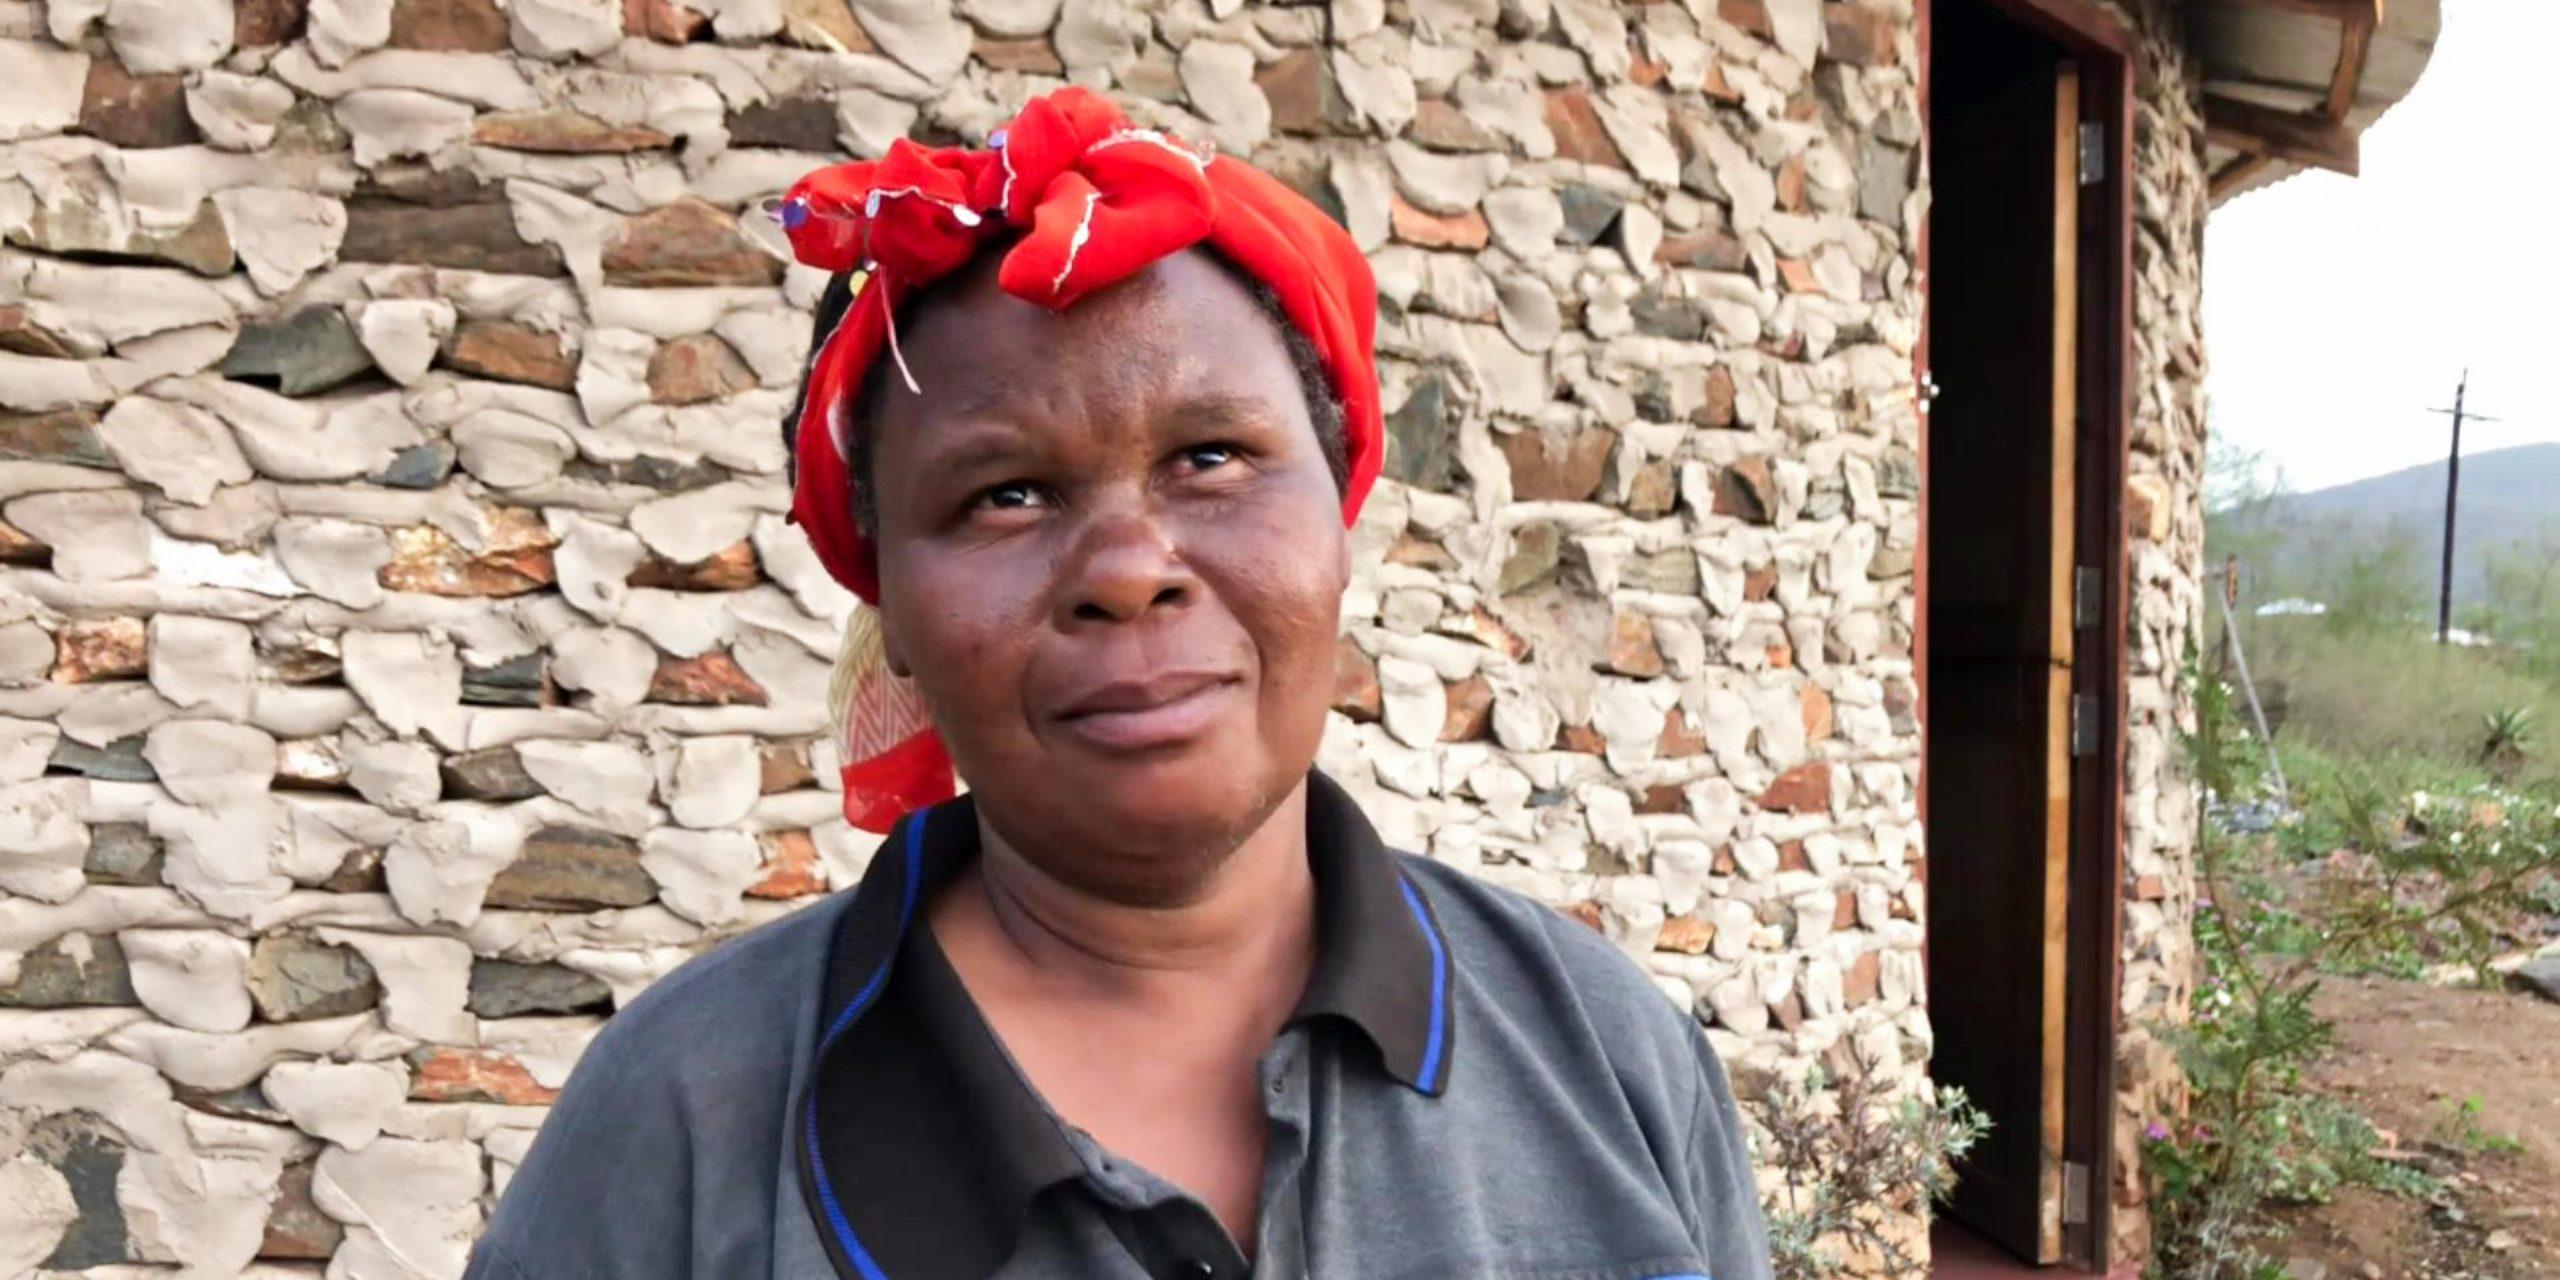 Nokwenziwa Zulu